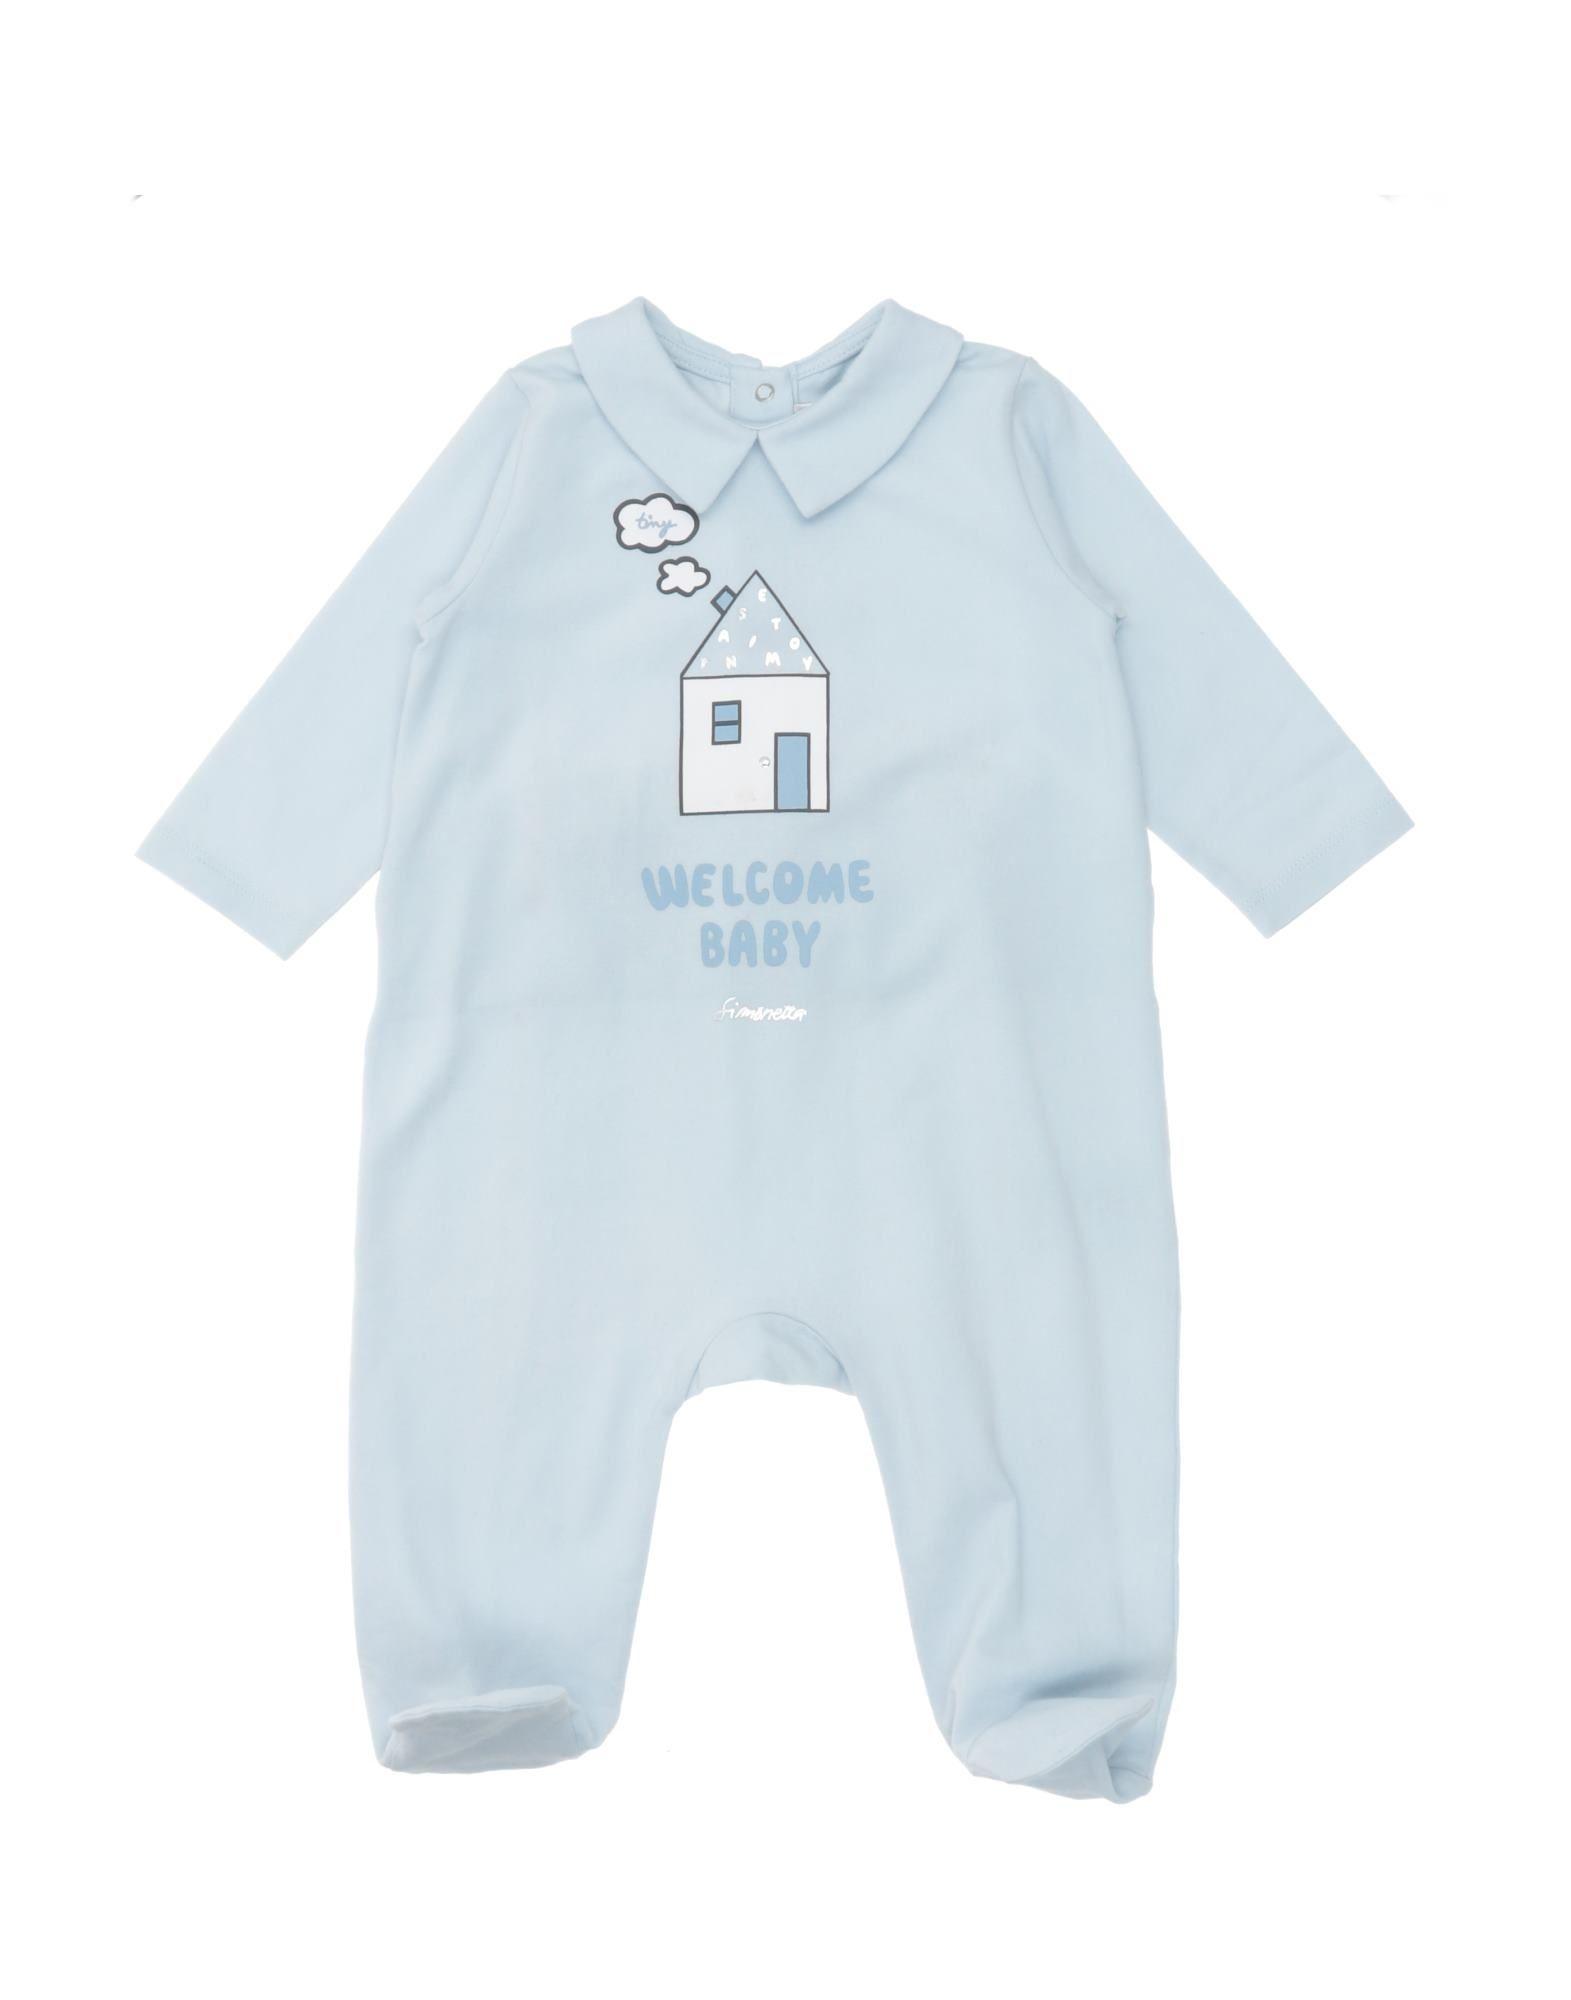 Фото - SIMONETTA TINY Комбинезоны для малышей simonetta tiny pубашка